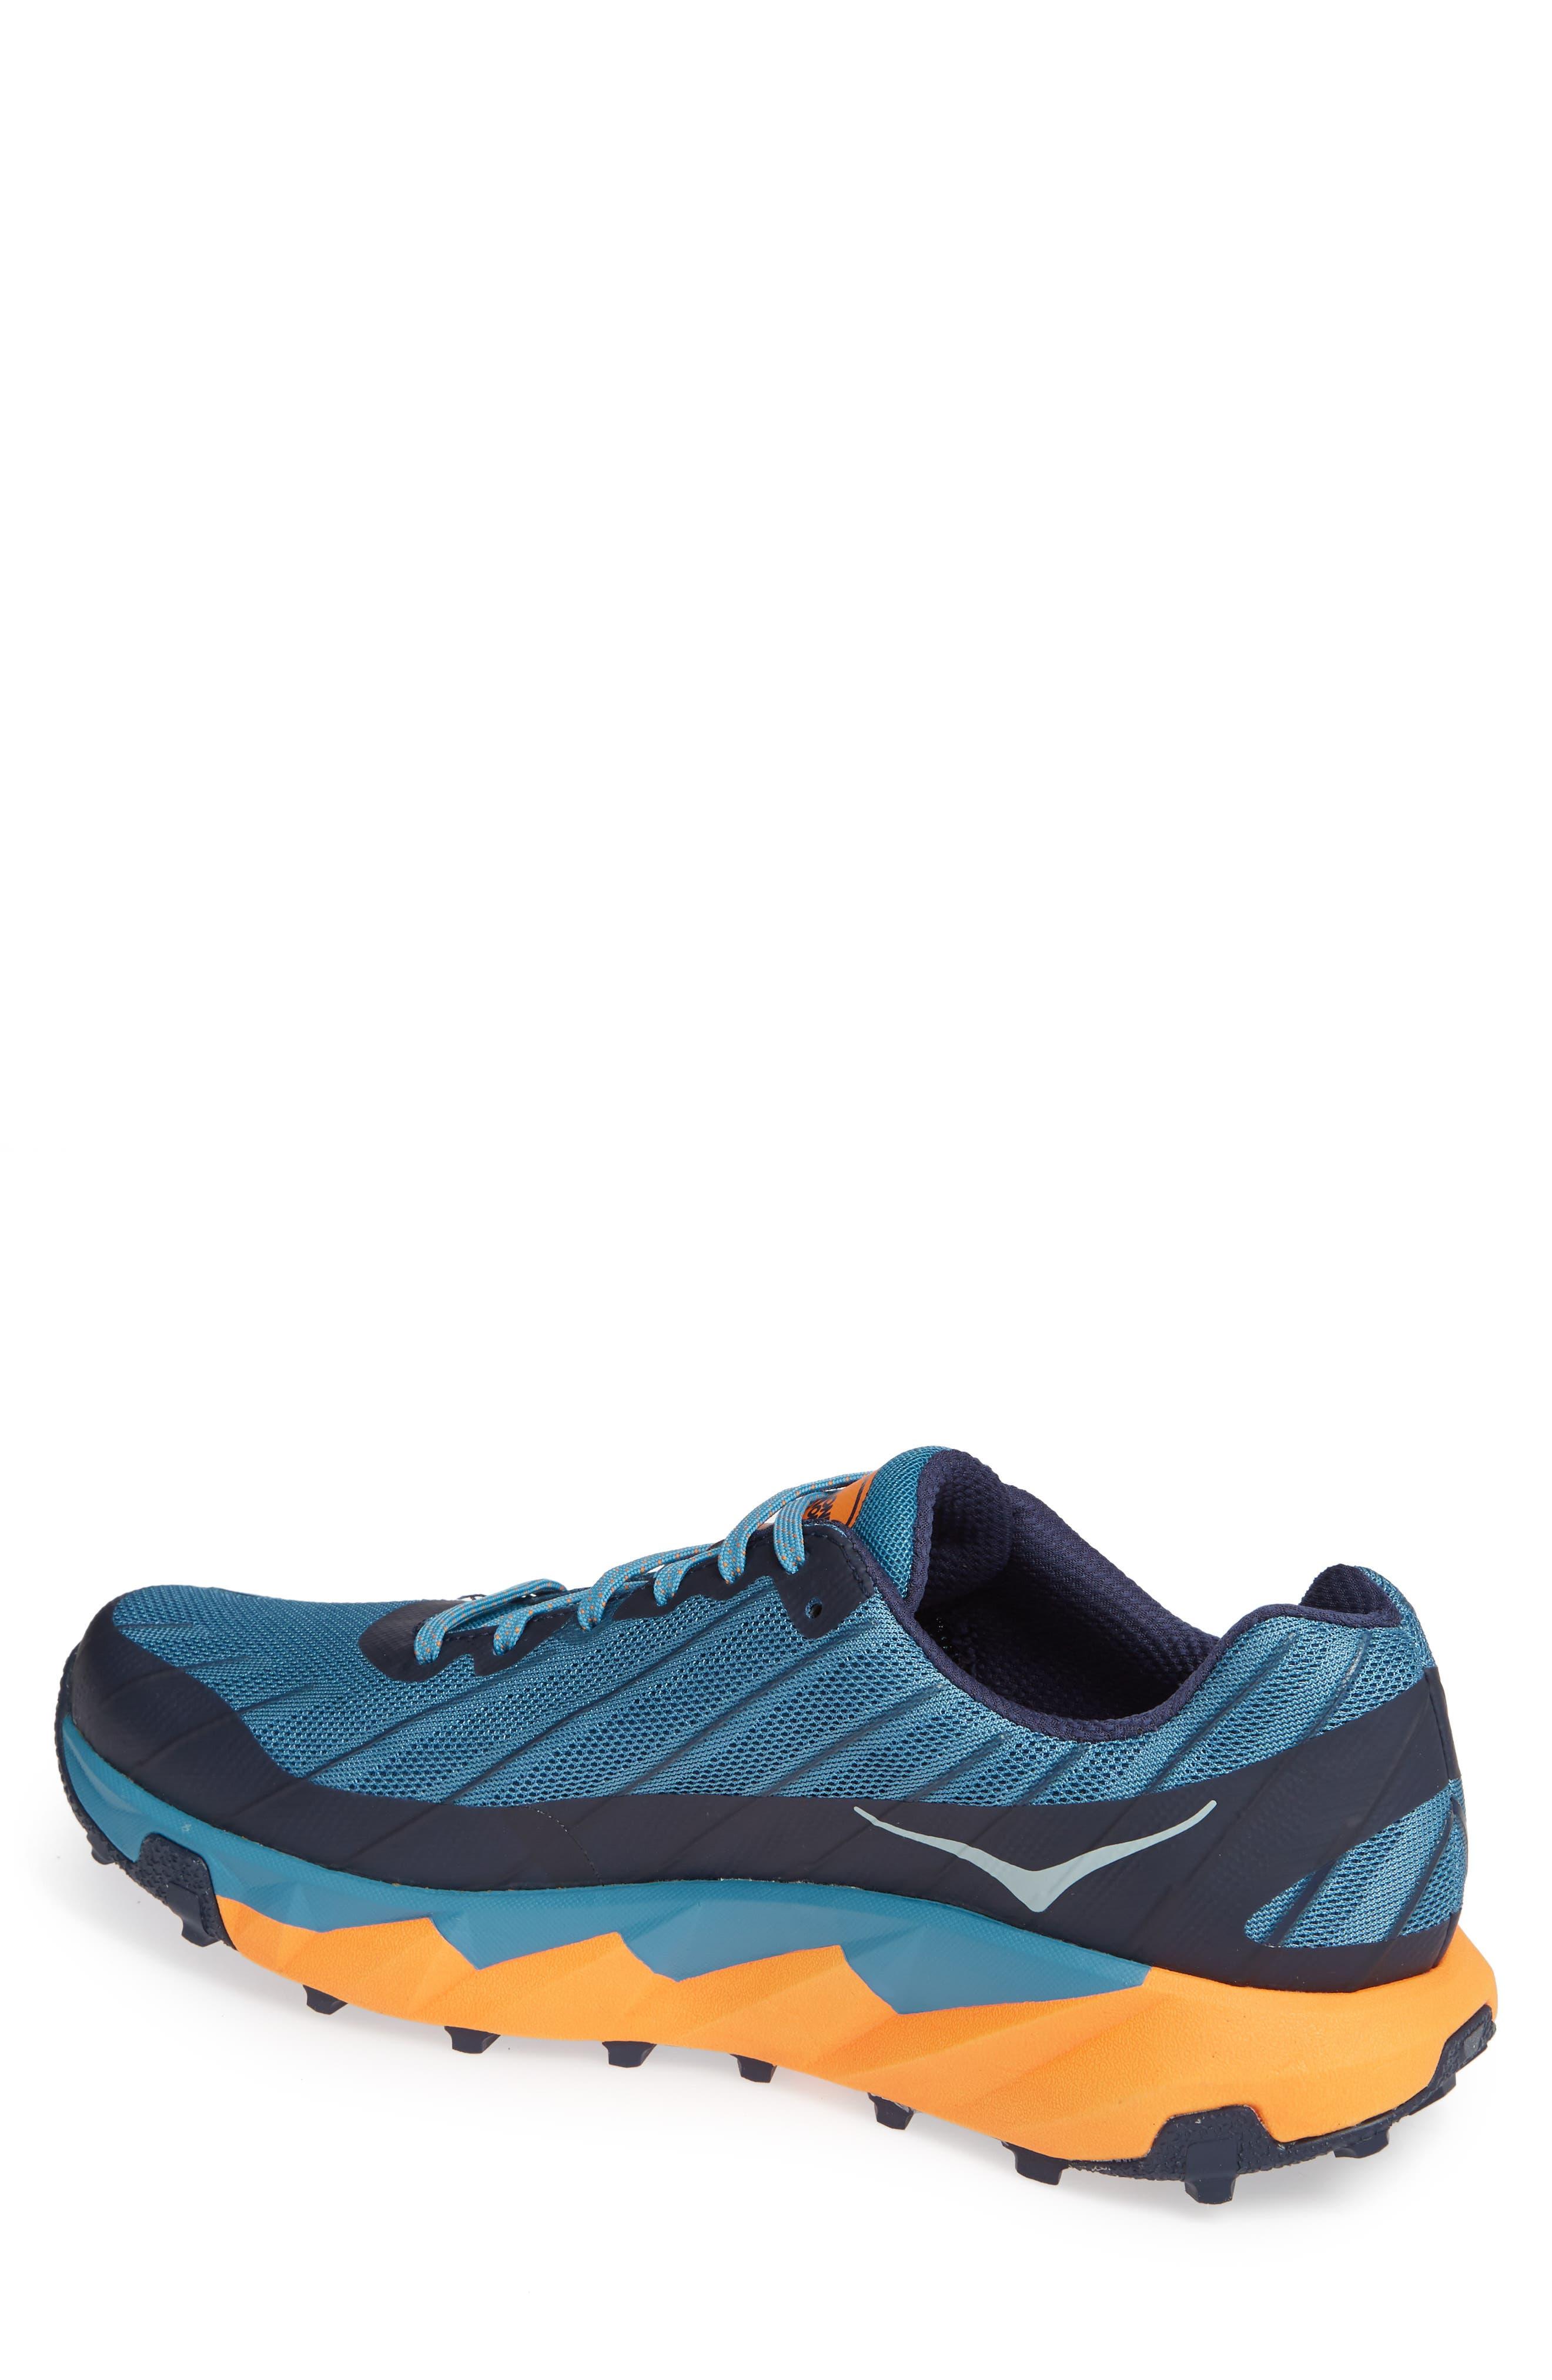 Torrent Running Shoe,                             Alternate thumbnail 2, color,                             462